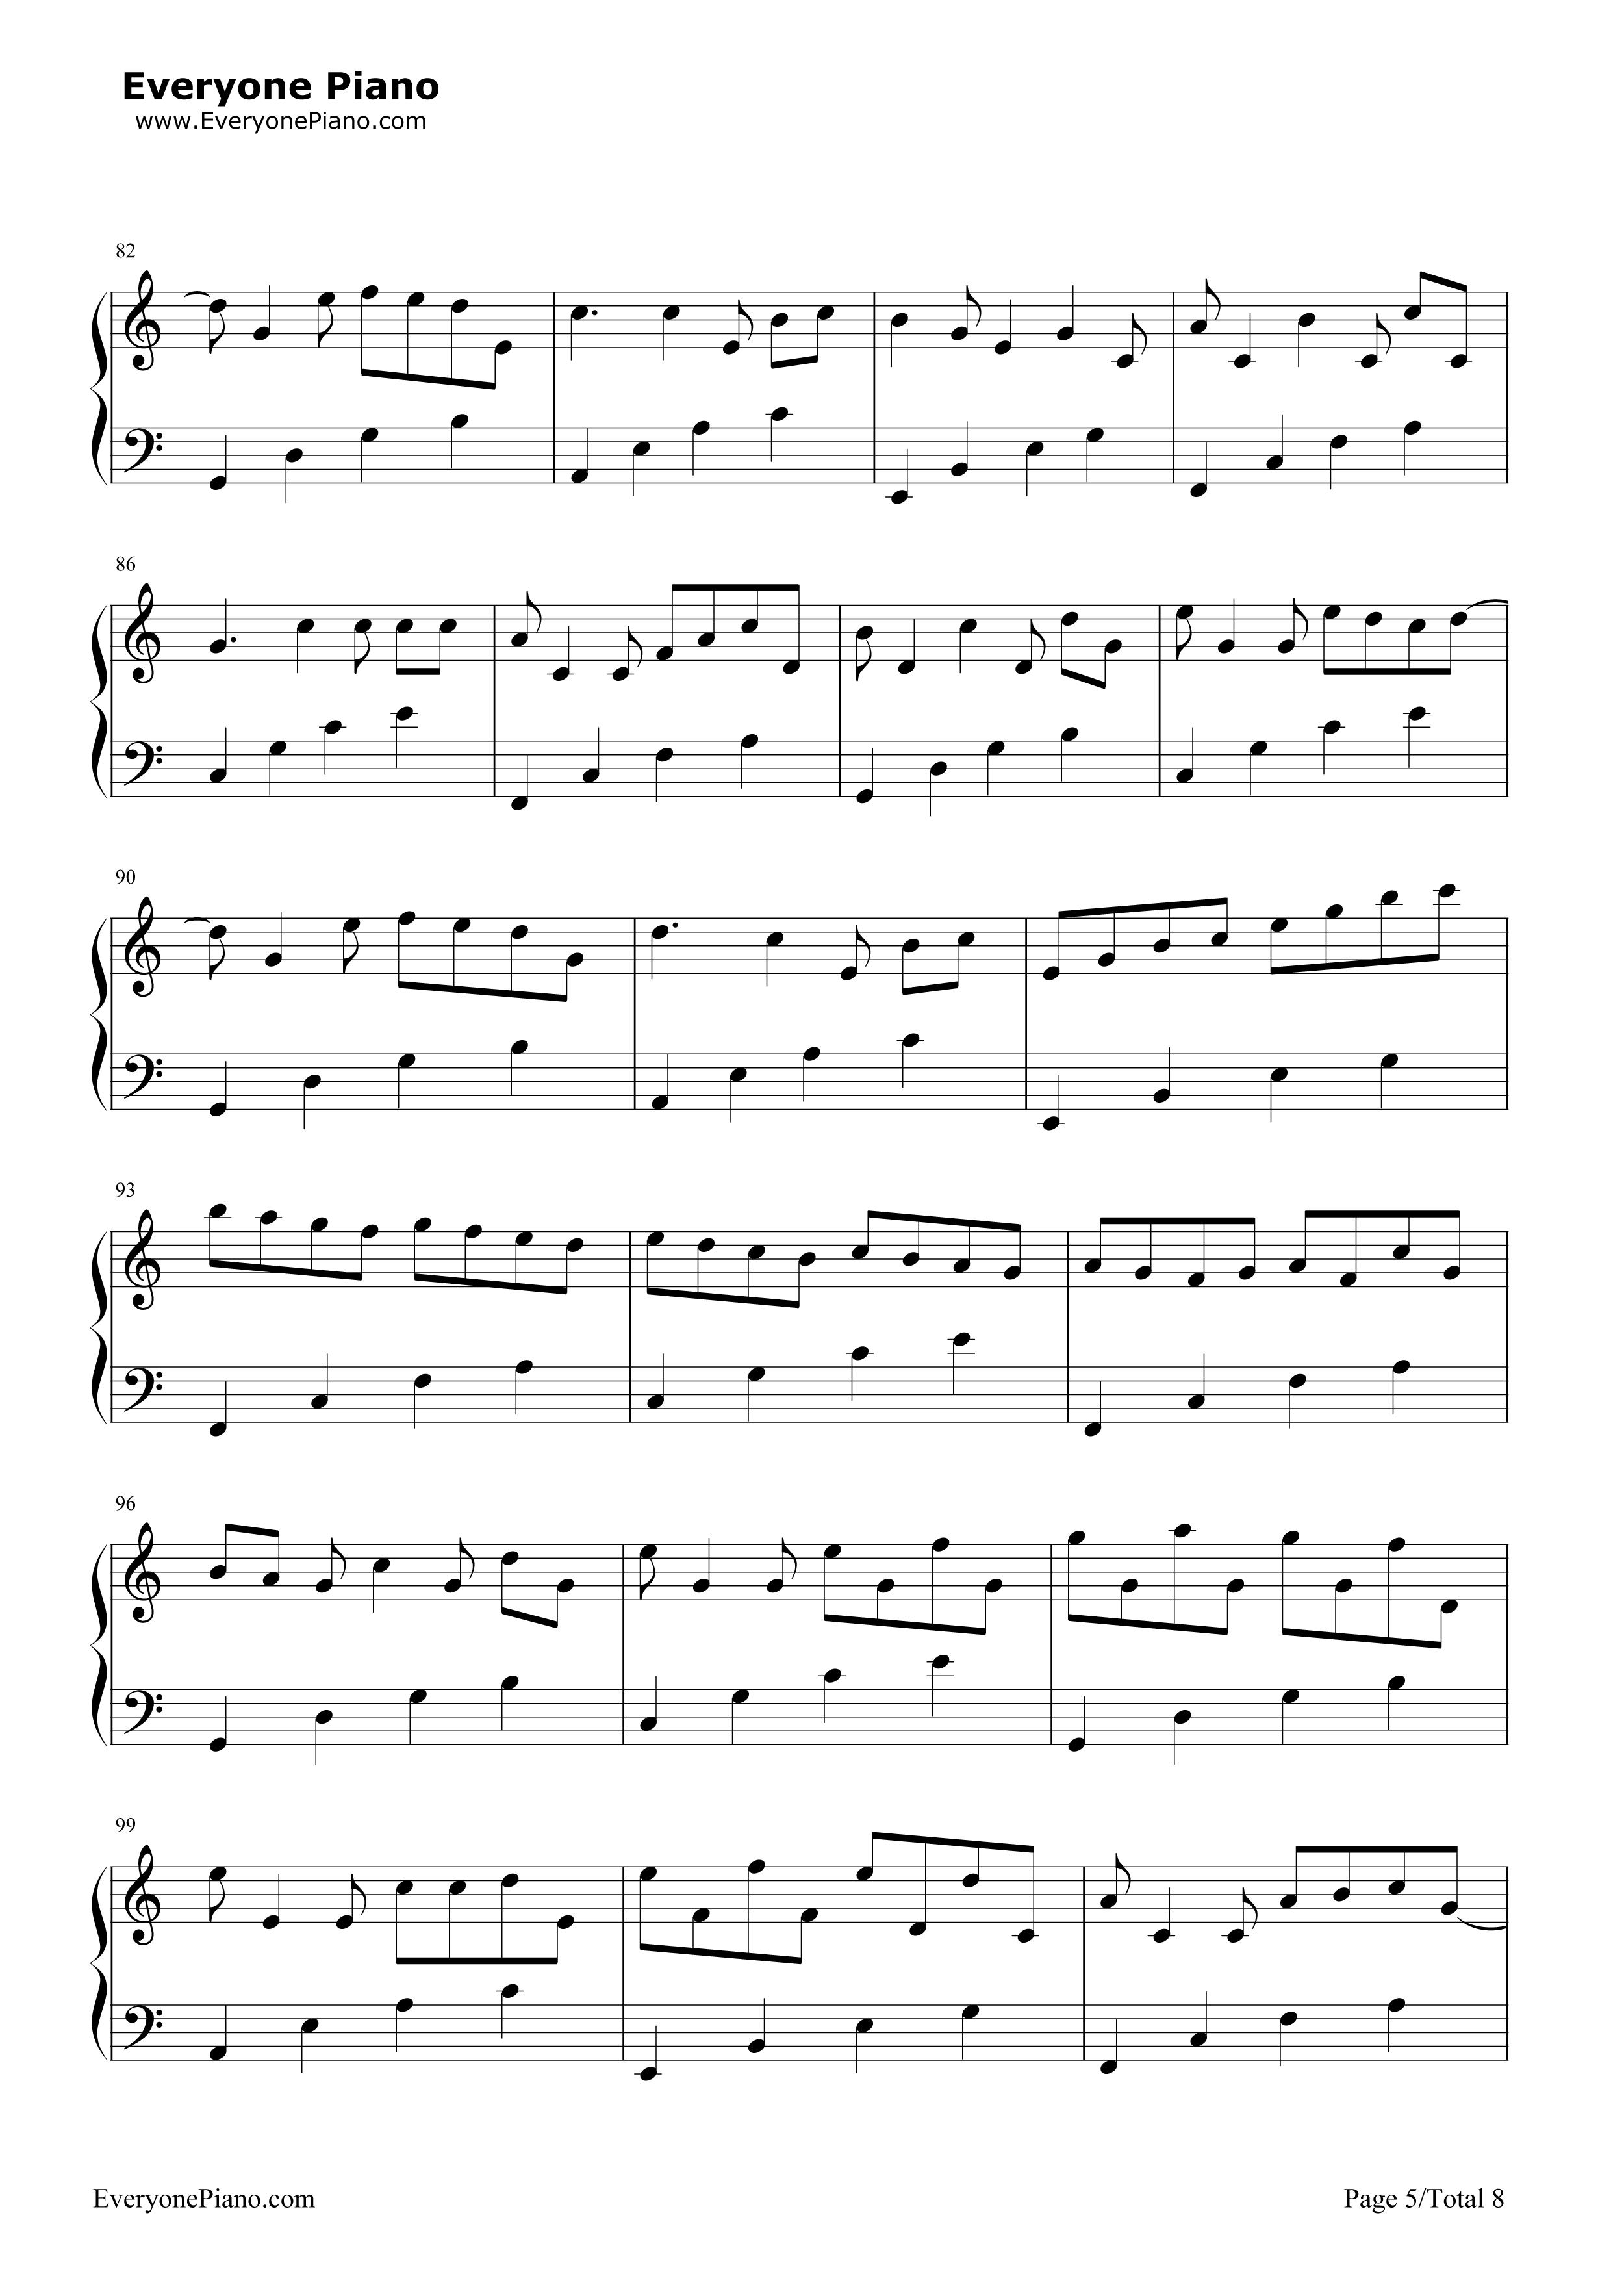 网站首页 钢琴曲谱 经典 卡农c大调最简版-eop教学曲 >> 卡农c大调最